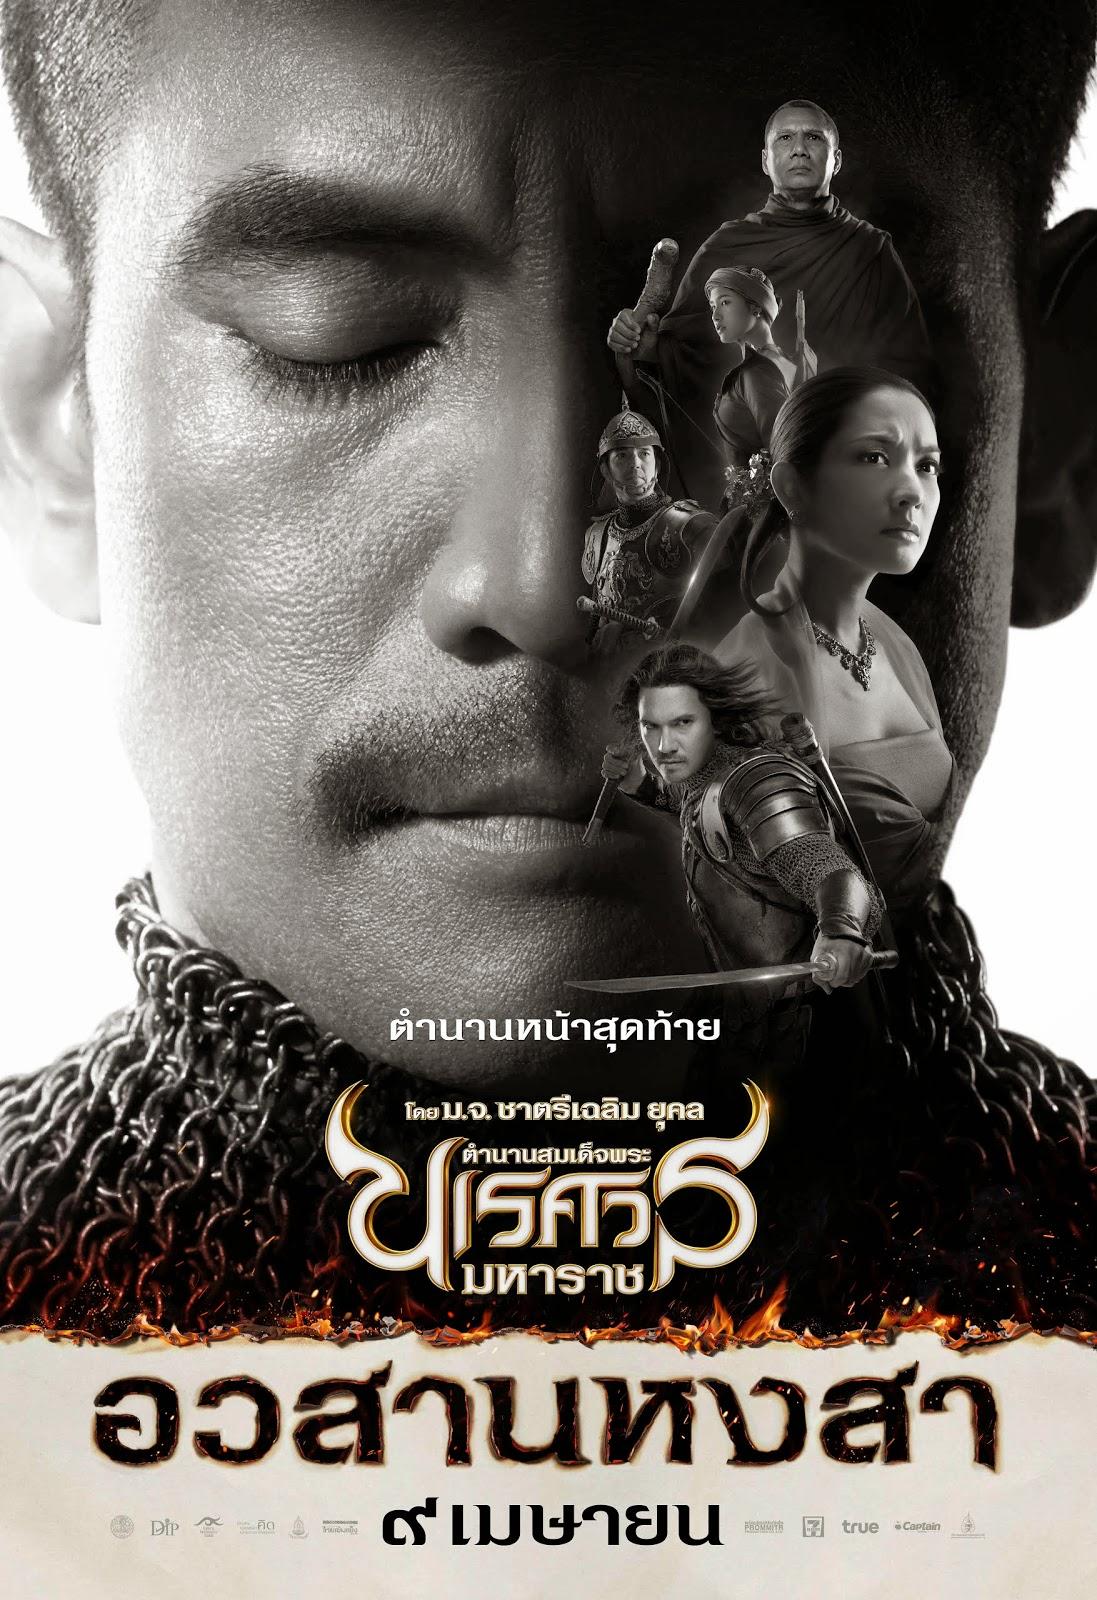 ตำนานสมเด็จพระนเรศวรมหาราช ภาค 6 ตอน อวสานหงสา King Naresuan 6 [HD]